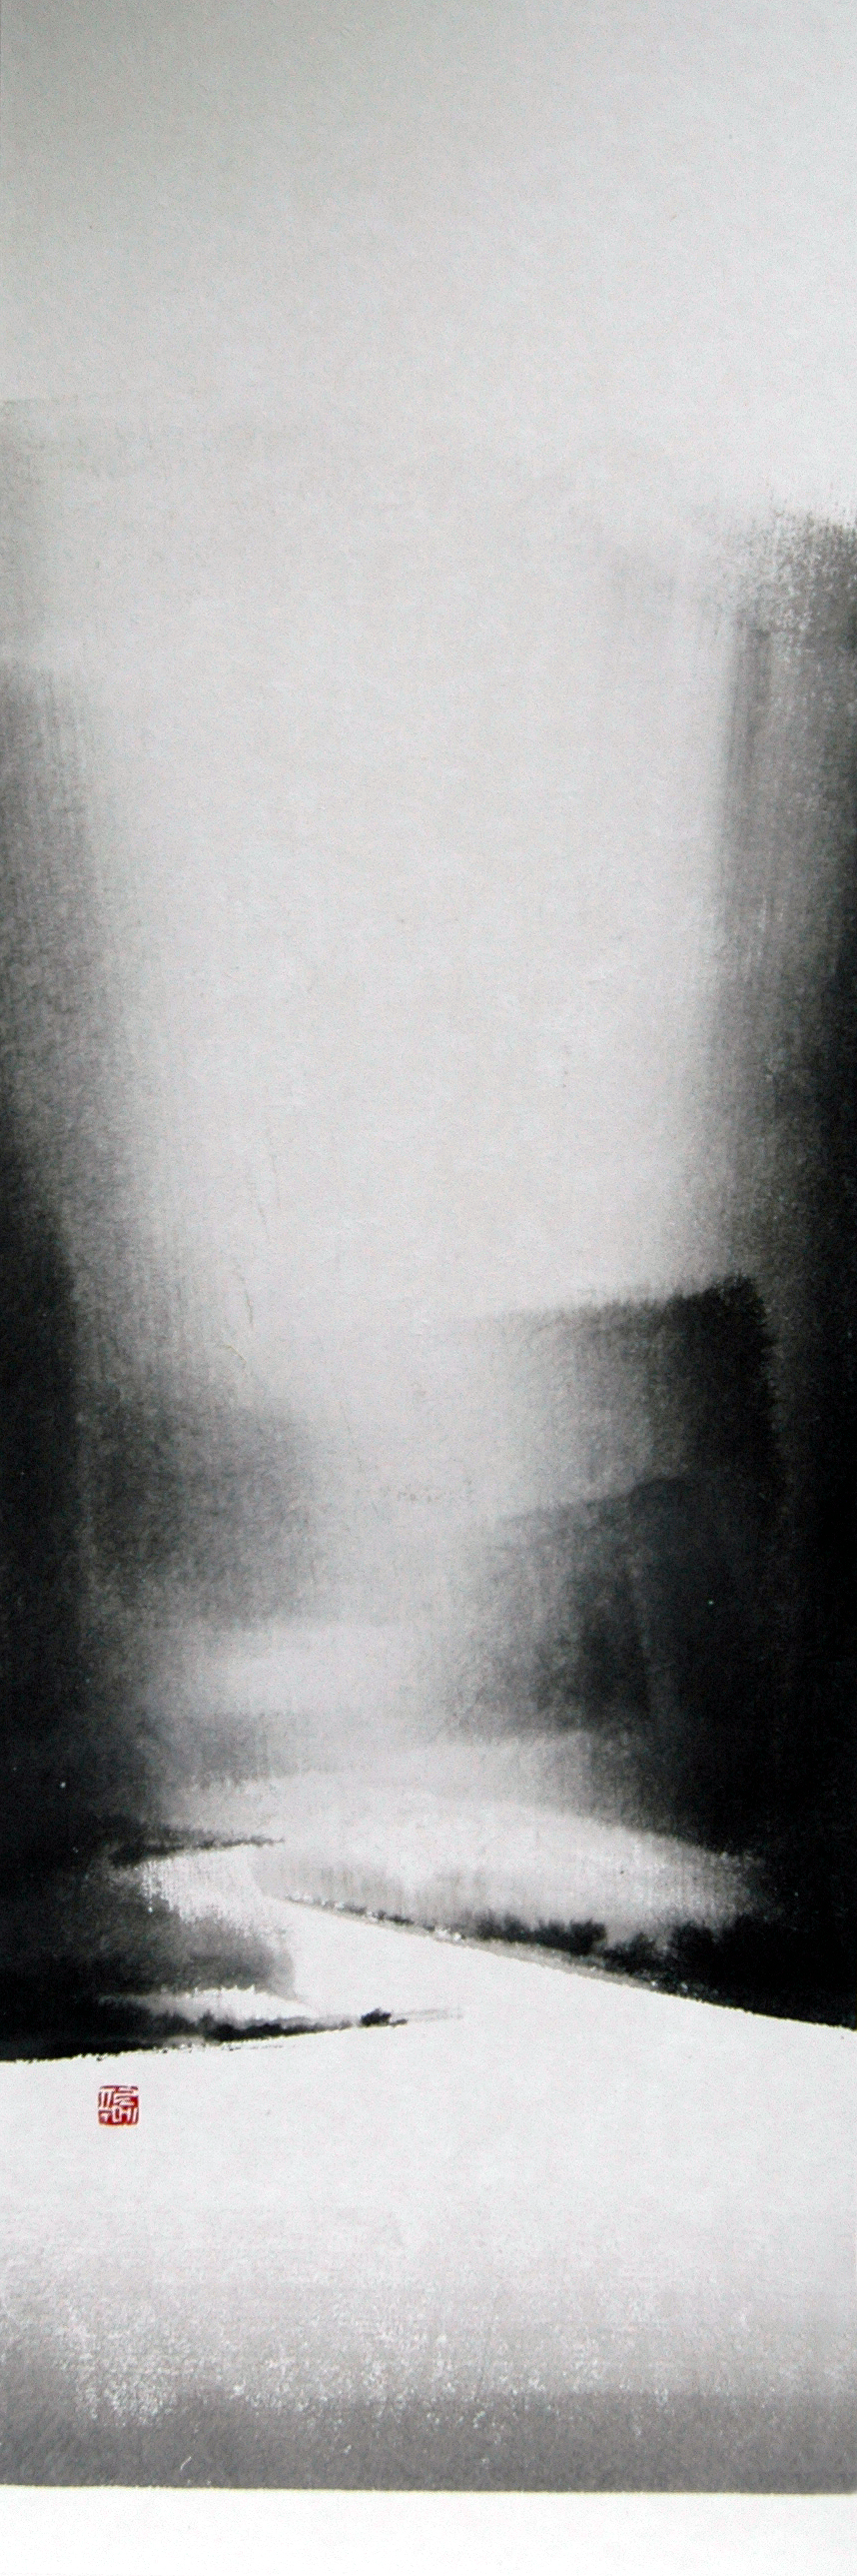 Kars02.jpg